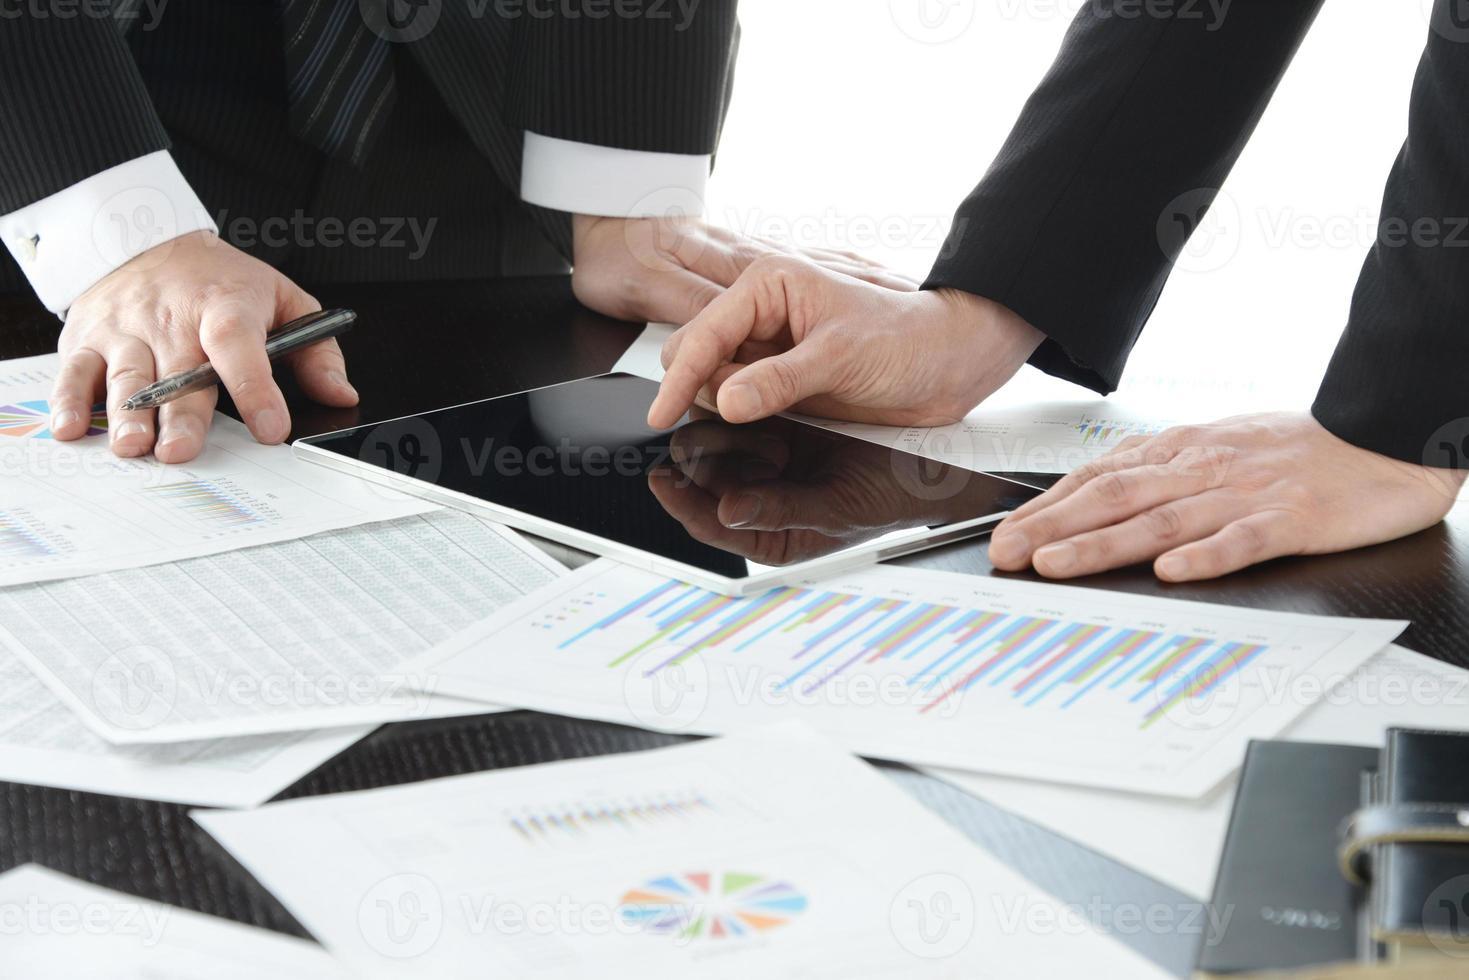 zakelijke bijeenkomst met digitale tablet en papieren foto